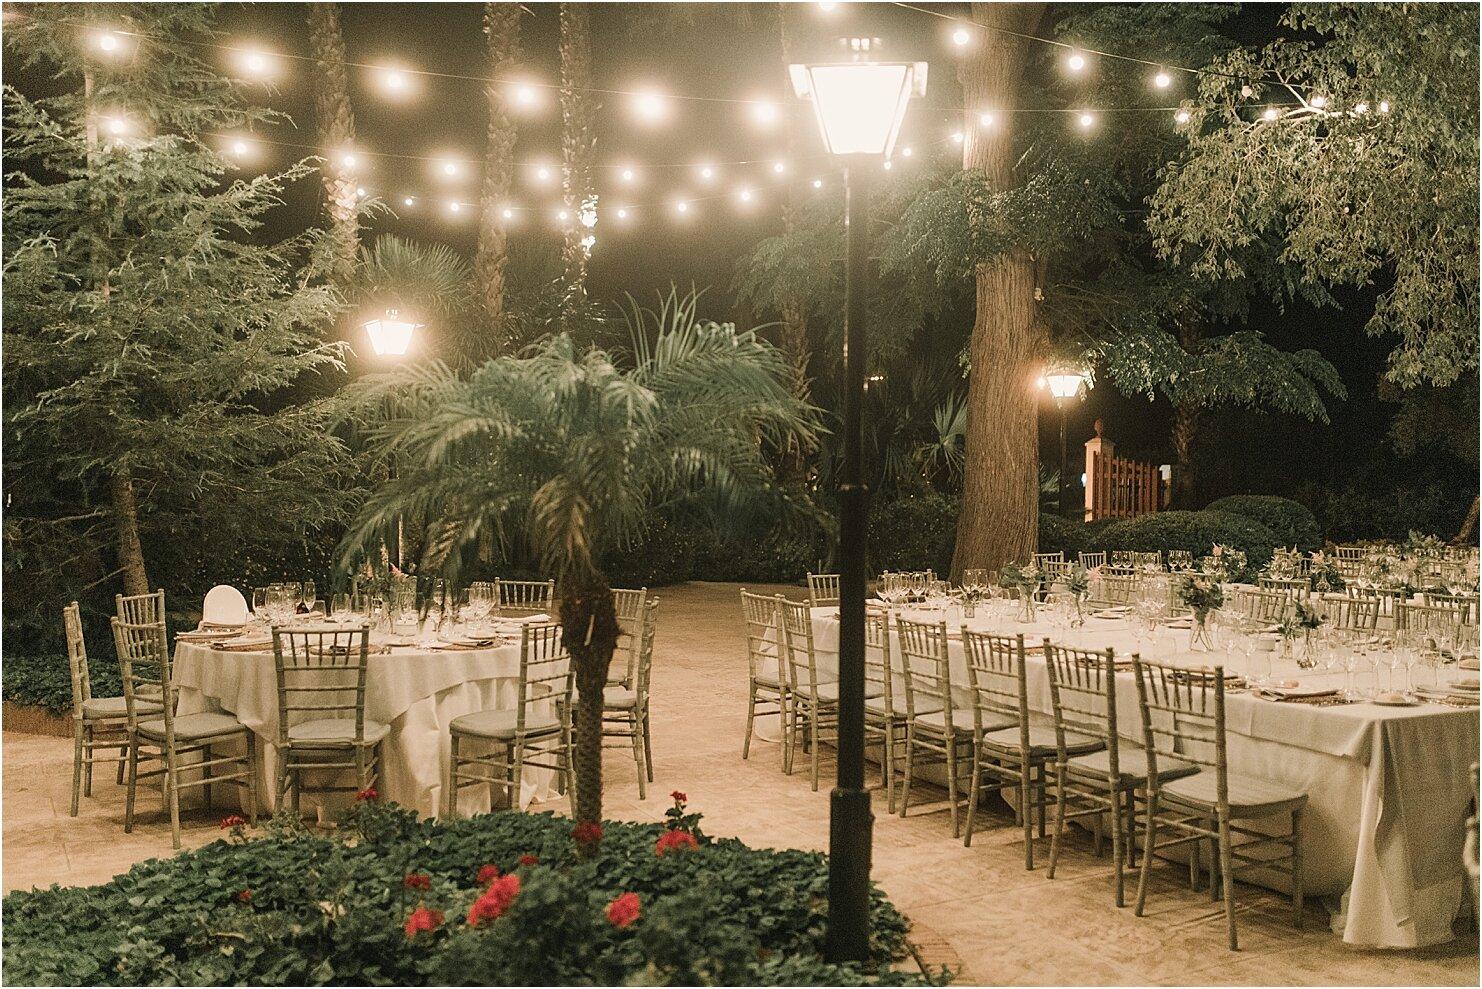 boda-romantica-boda-boho-vestido-de-novia-laura-lomas67.jpg